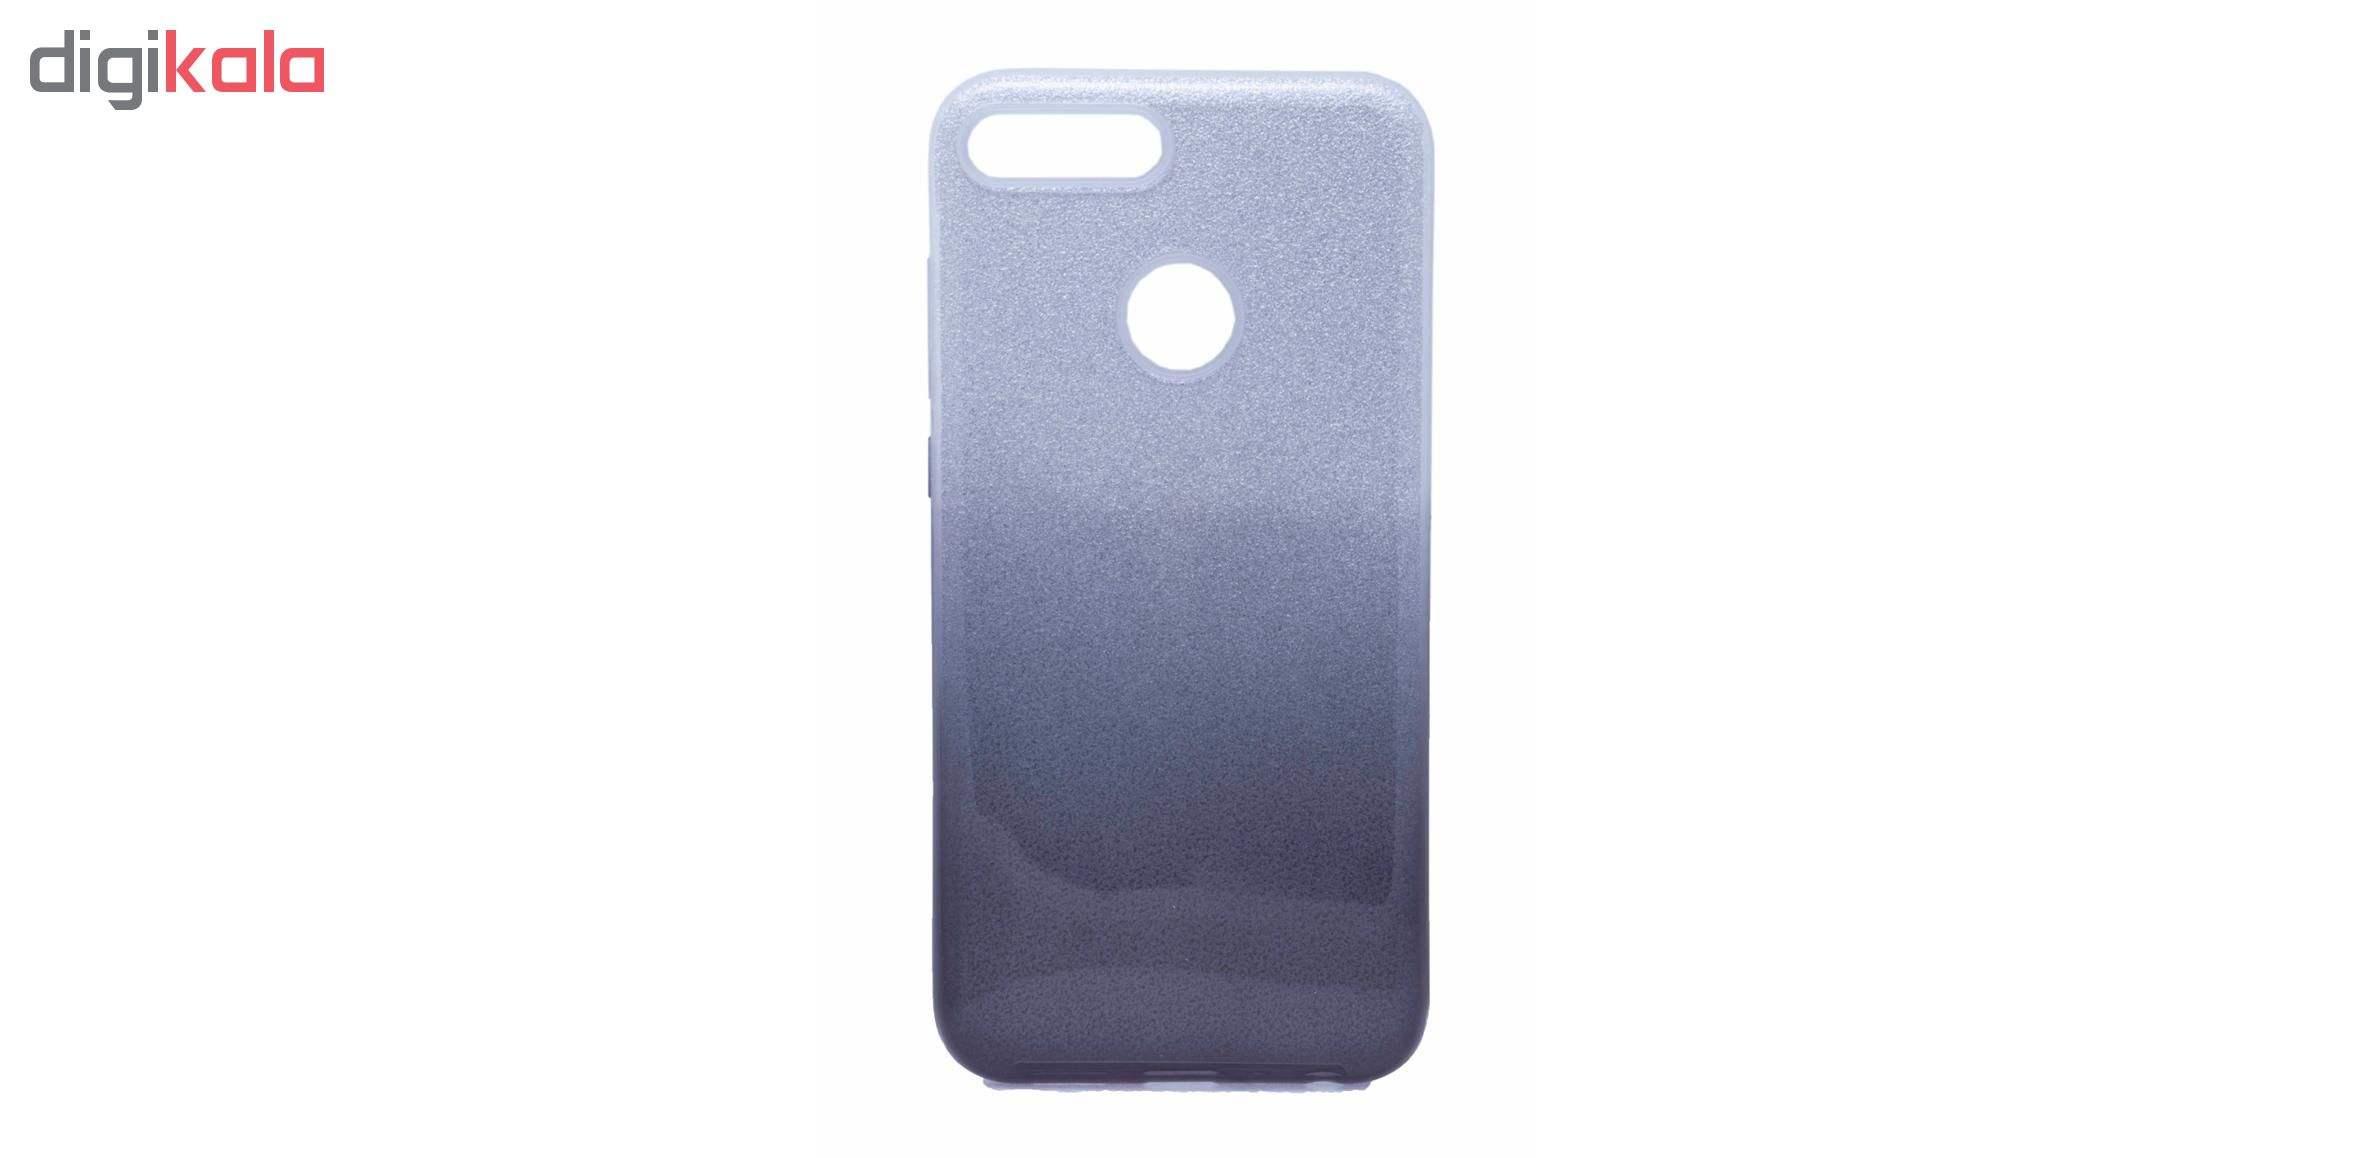 کاور مدل CORONA طرح اکلیلی مناسب برای گوشی هوآوی P smart thumb 1